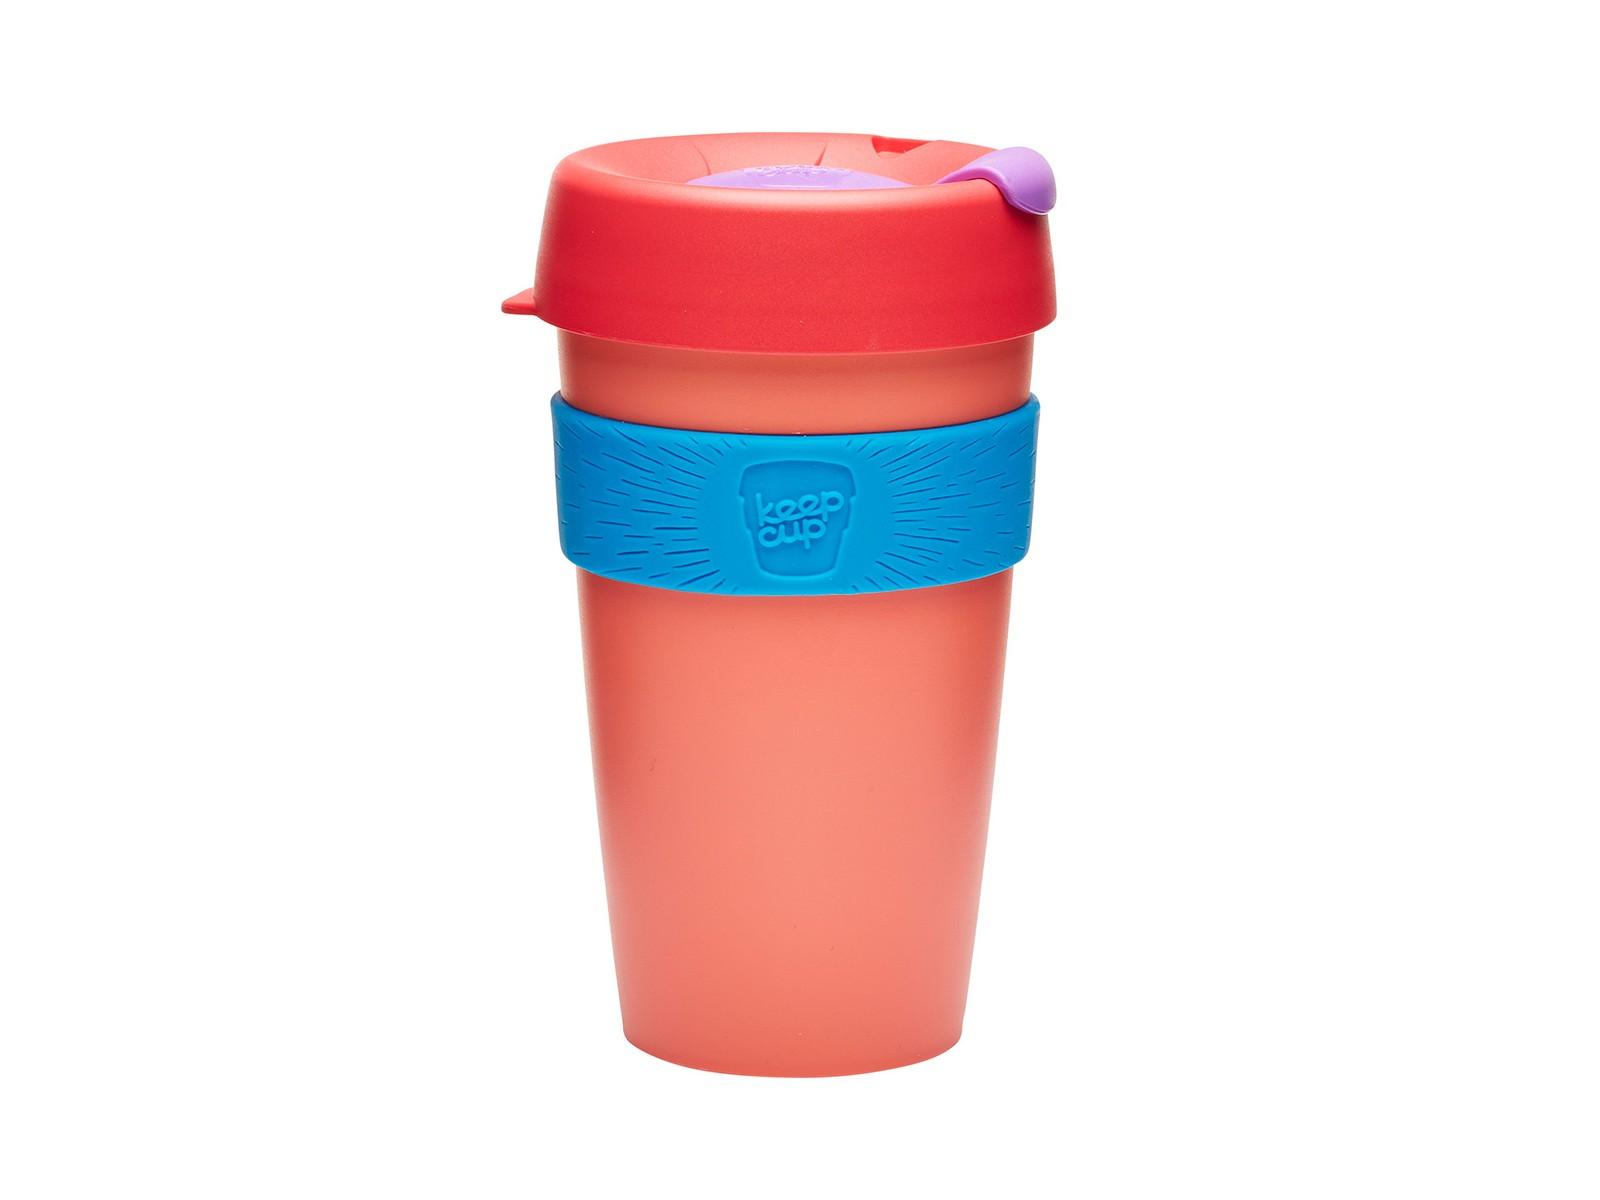 Кружка Keepcup tea roseЧайные пары, чашки и кружки<br>Кружка, созданная с мыслями о вас и о планете. Главная идея KeepCup – вдохновить любителей кофе отказаться от использования одноразовых бумажных и пластиковых стаканов, так как их производство и утилизация наносят вред окружающей среде. В год производится и выбрасывается около 500 миллиардов одноразовых стаканчиков, а ведь планета у нас всего одна! <br>Но главный плюс кружки  – привлекательный и яркий дизайн, который станет отражением вашего личного стиля. Берите ее в кафе или наливайте кофе, чай, сок дома, чтобы взять с собой - пить вкусные напитки на ходу, на работе или на пикнике. Специальная крышка с открывающимся и закрывающимся клапаном спасет от брызг, силиконовый ободок поможет не обжечься (плюс, удобно держать кружку в руках), а плотная крышка и толстые стенки сохранят напиток теплым в течение 20~30 минут. <br>Кружка сделана из нетоксичного пластика без содержания вредного бисфенола (BPA-free). Можно использовать в микроволновке и мыть в посудомоечной машине.&amp;amp;nbsp;&amp;lt;div&amp;gt;&amp;lt;br&amp;gt;&amp;lt;/div&amp;gt;&amp;lt;div&amp;gt;Объем: 454 мл.&amp;lt;br&amp;gt;&amp;lt;/div&amp;gt;<br><br>Material: Пластик<br>Высота см: 15